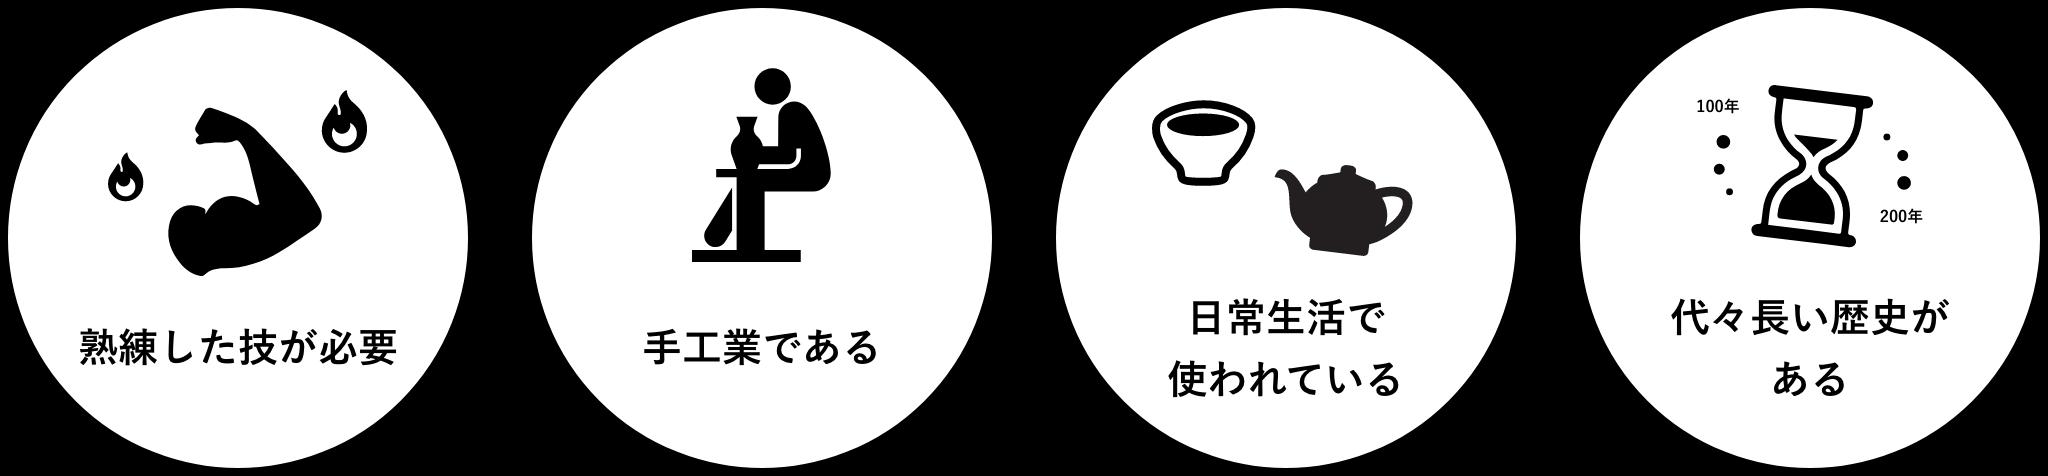 伝統工芸の特徴